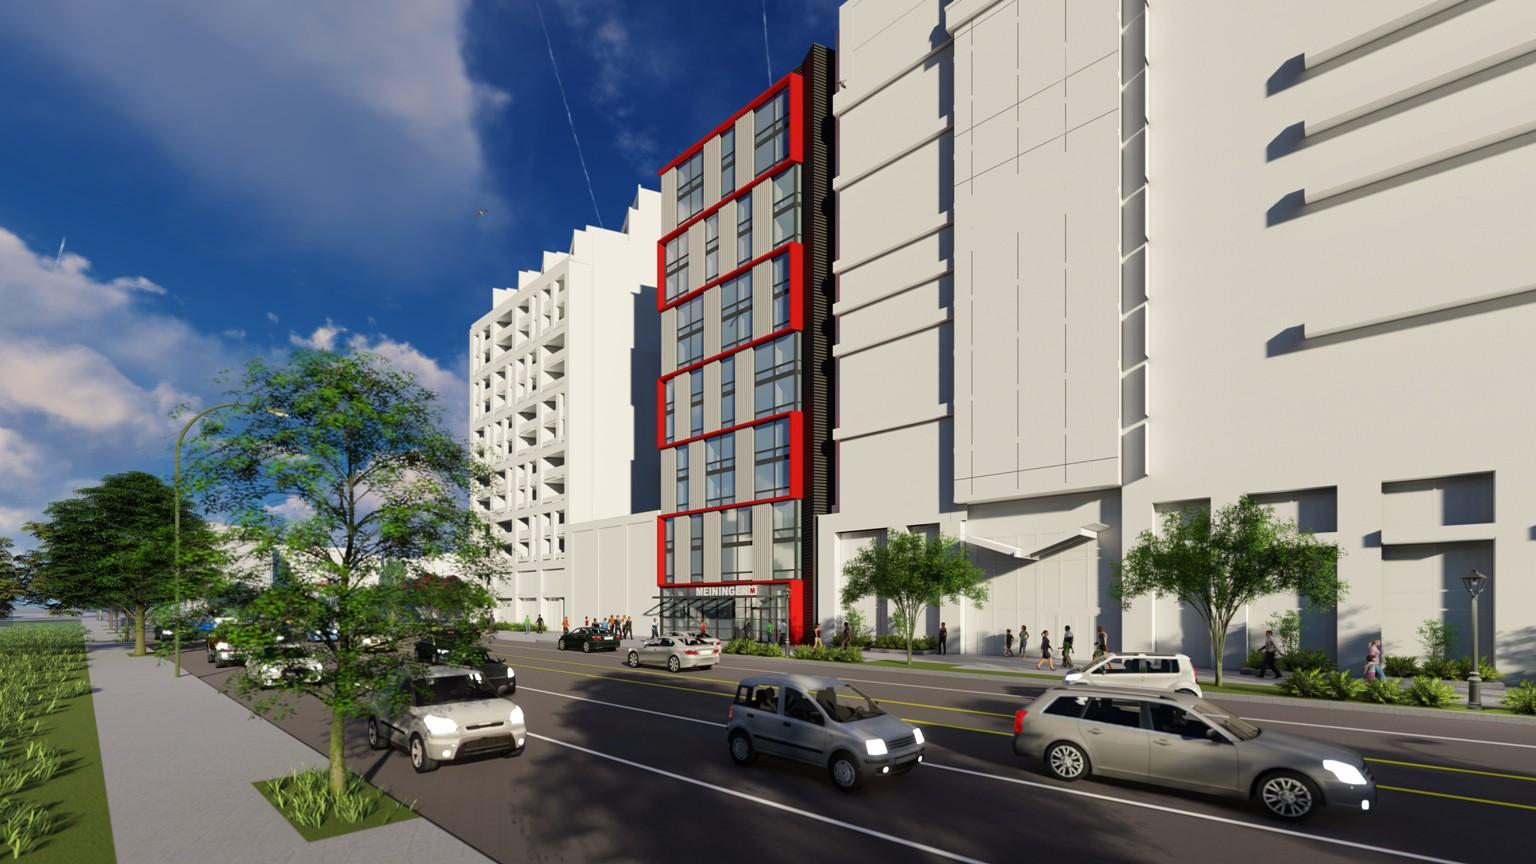 Pic2-Kopie MEININGER gibt Pläne für erstes Hotel in den USA bekannt -  Das erste amerikanische MEININGER Hotel entsteht in Washington D.C.